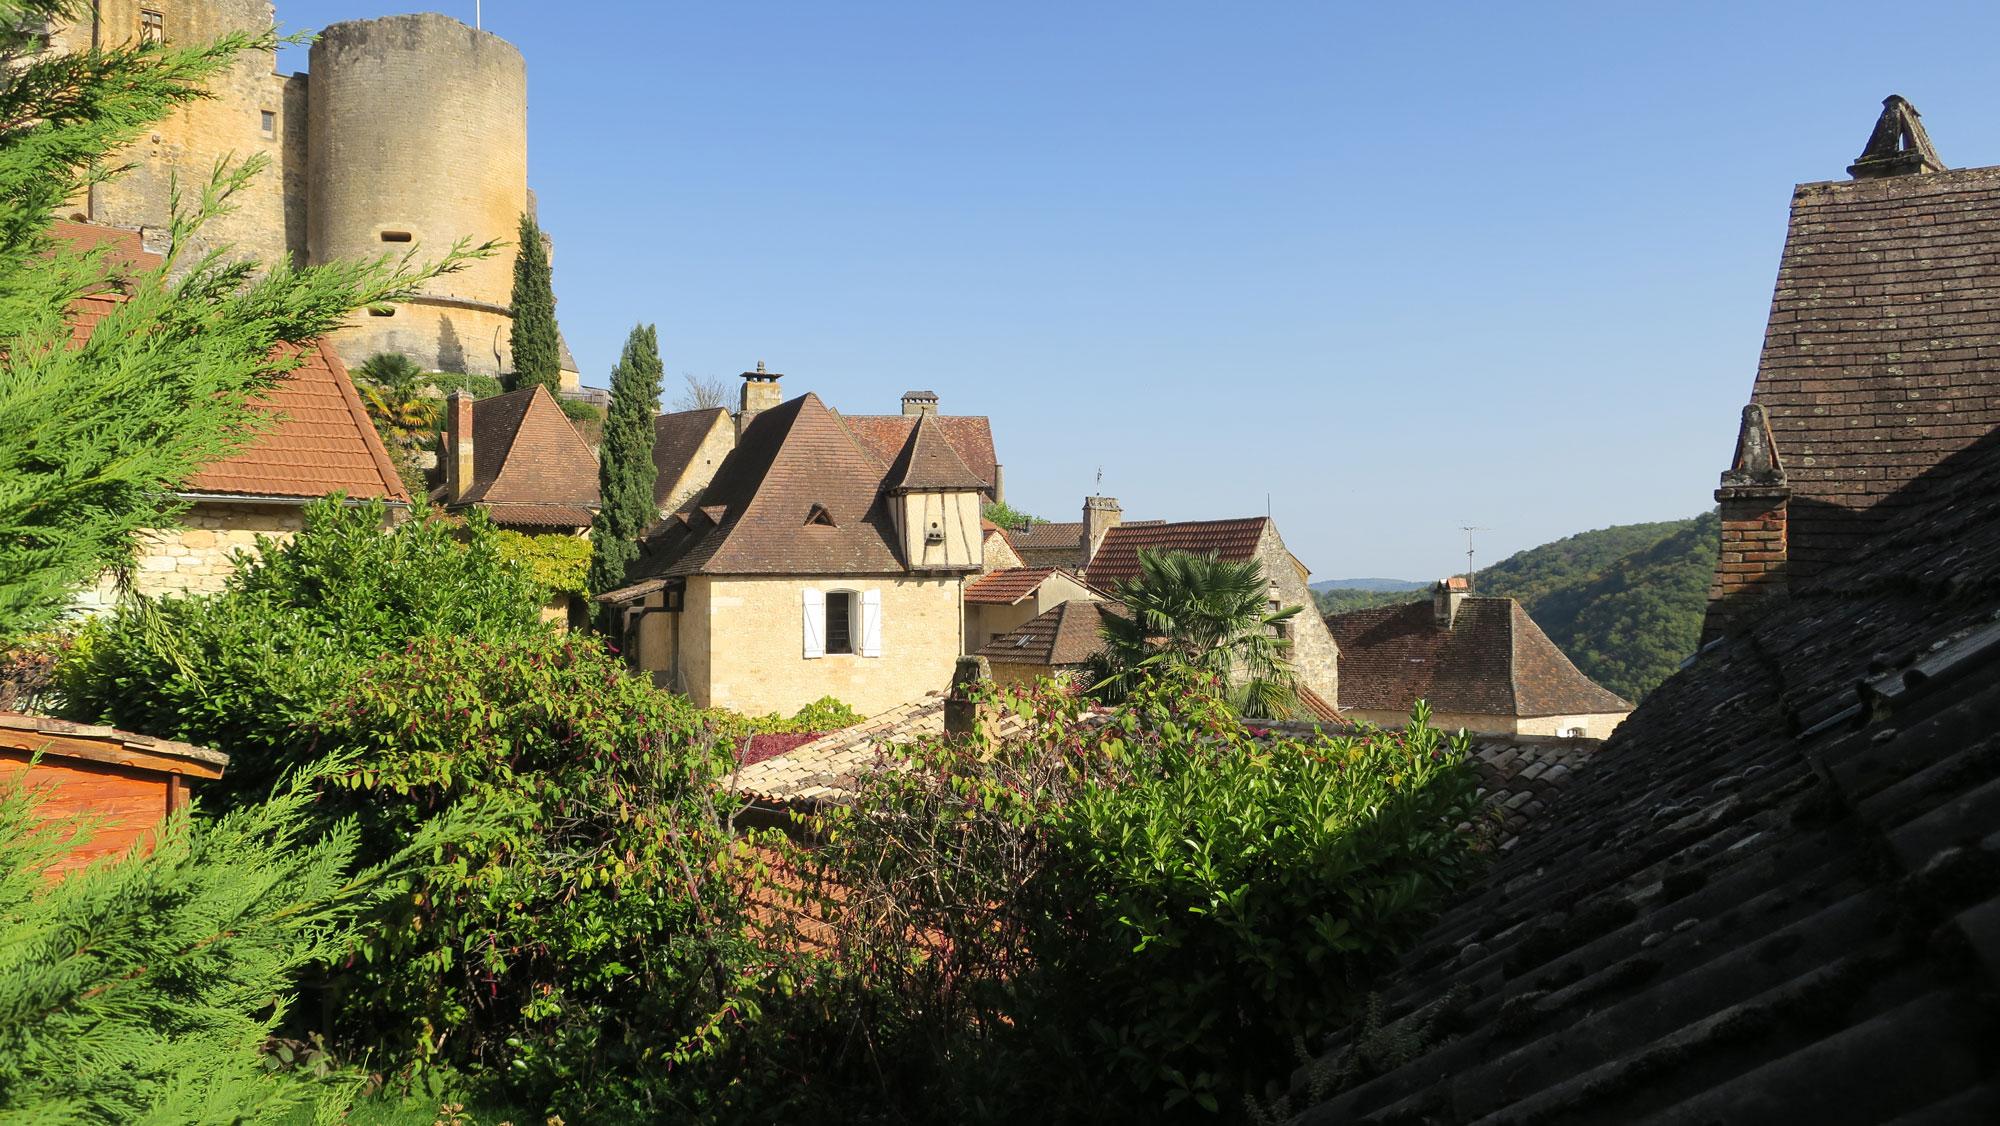 Chateau de Castelnaud-la-Chapelle